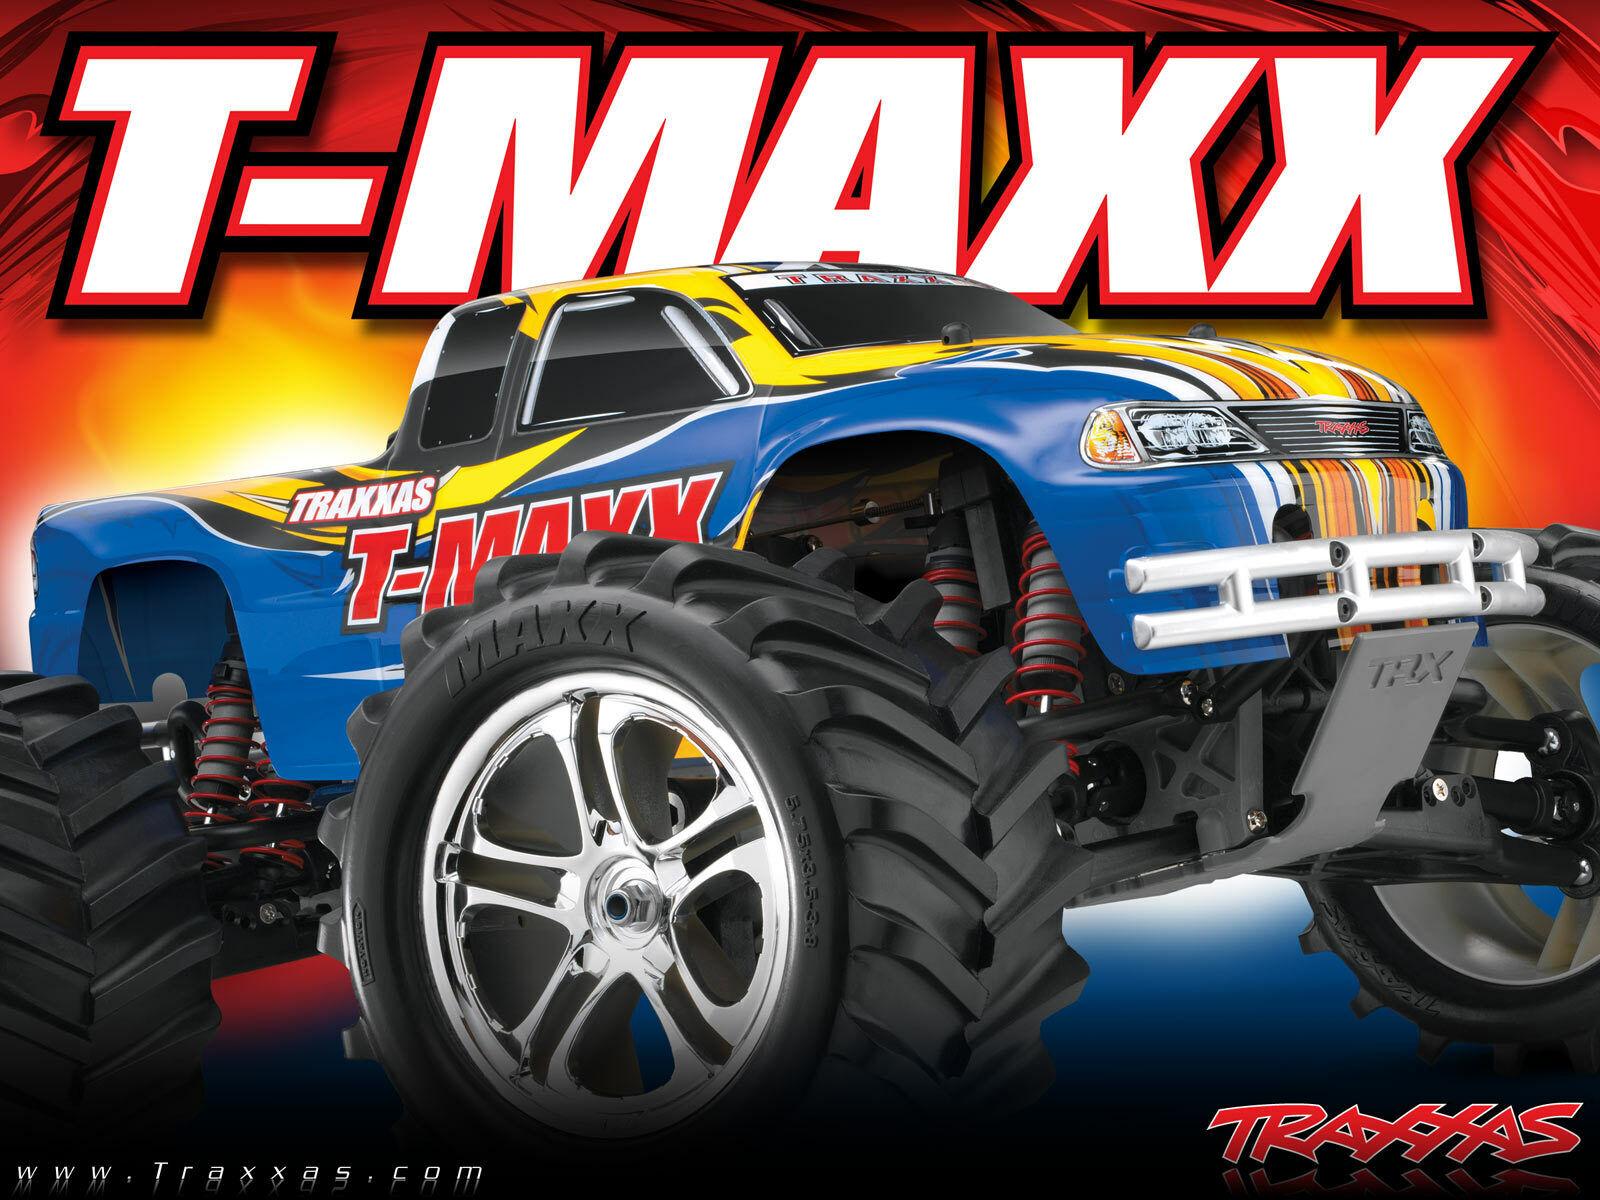 Traxxas  49104-1 1 10 Scale T-Maxx classeeic Nitro 4WD TQ 2.4GHz